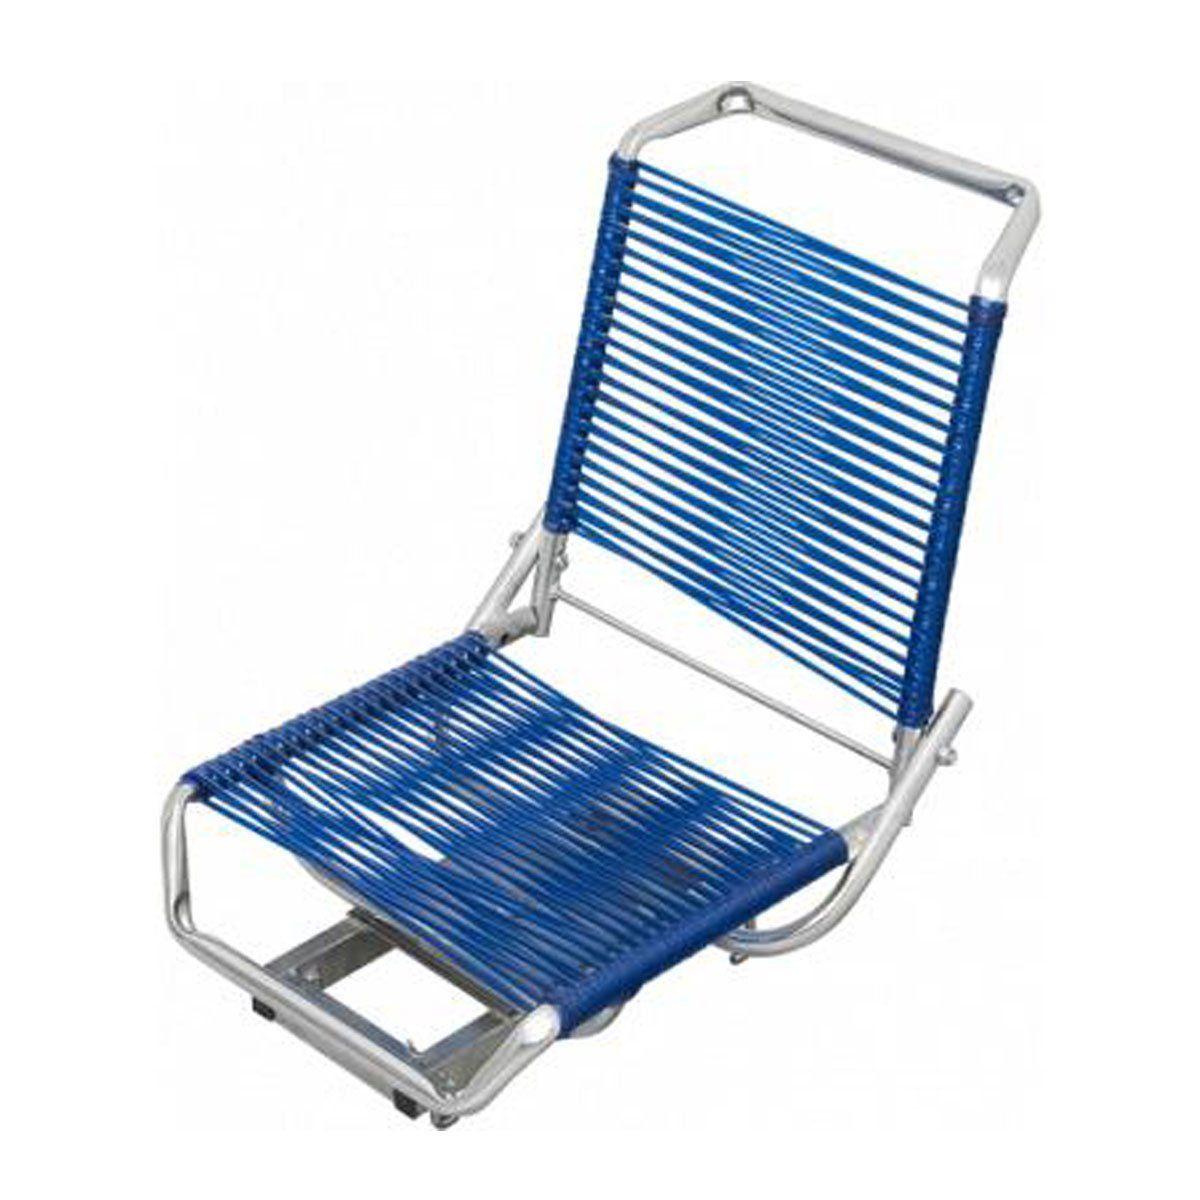 Cadeira Giratoria em Fio Espesso  Metal Service